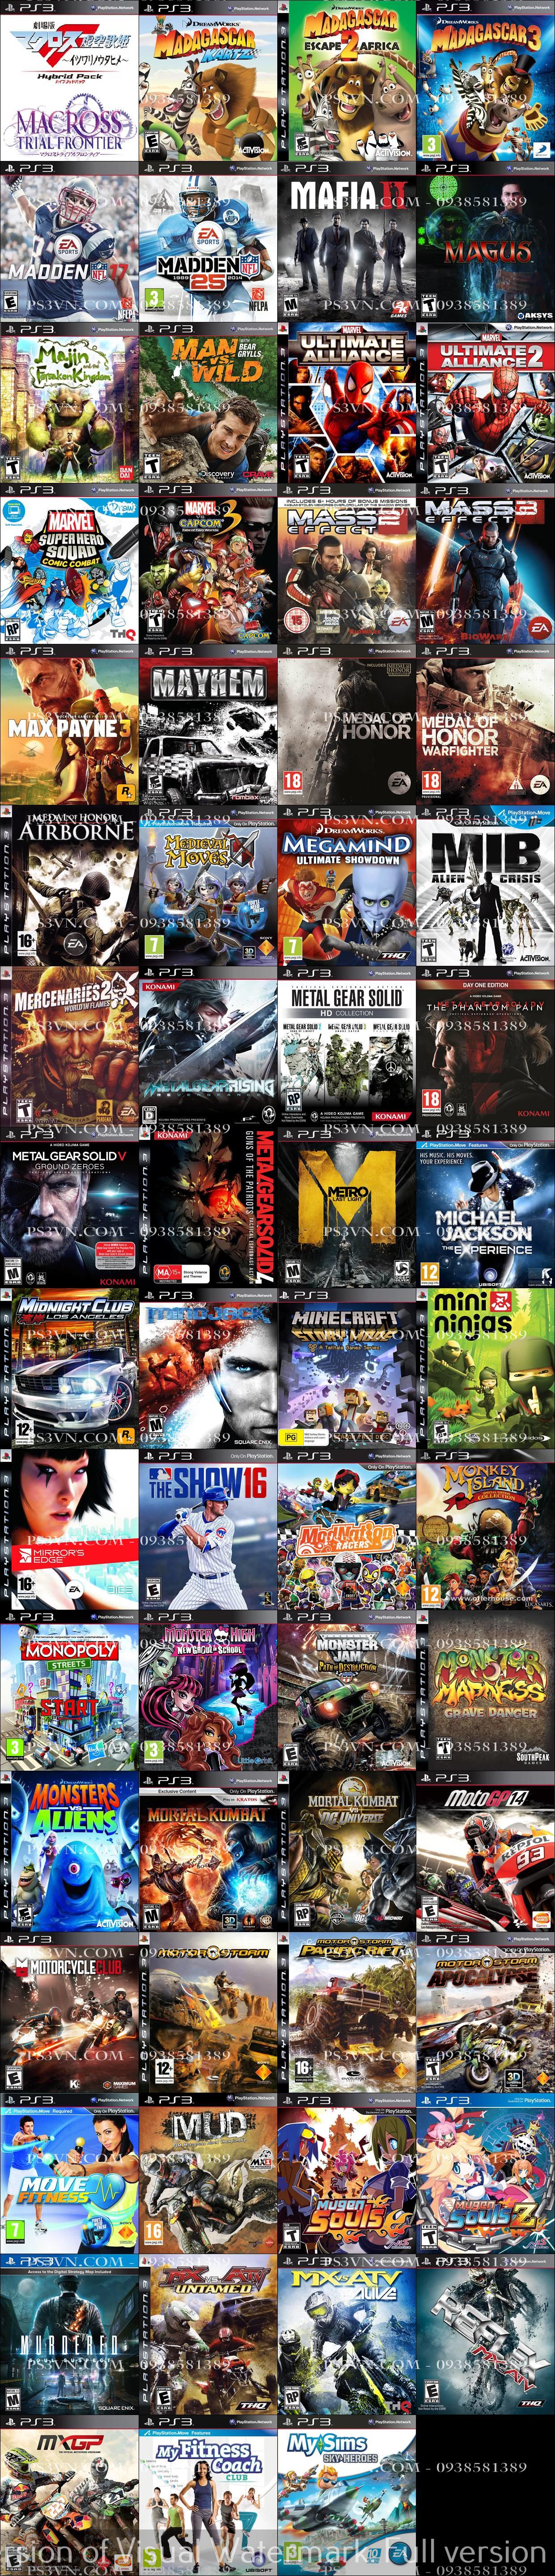 Chép Game PS3 tại nhà giá rẻ nhất TPHCM - PS3VN.COM - 27